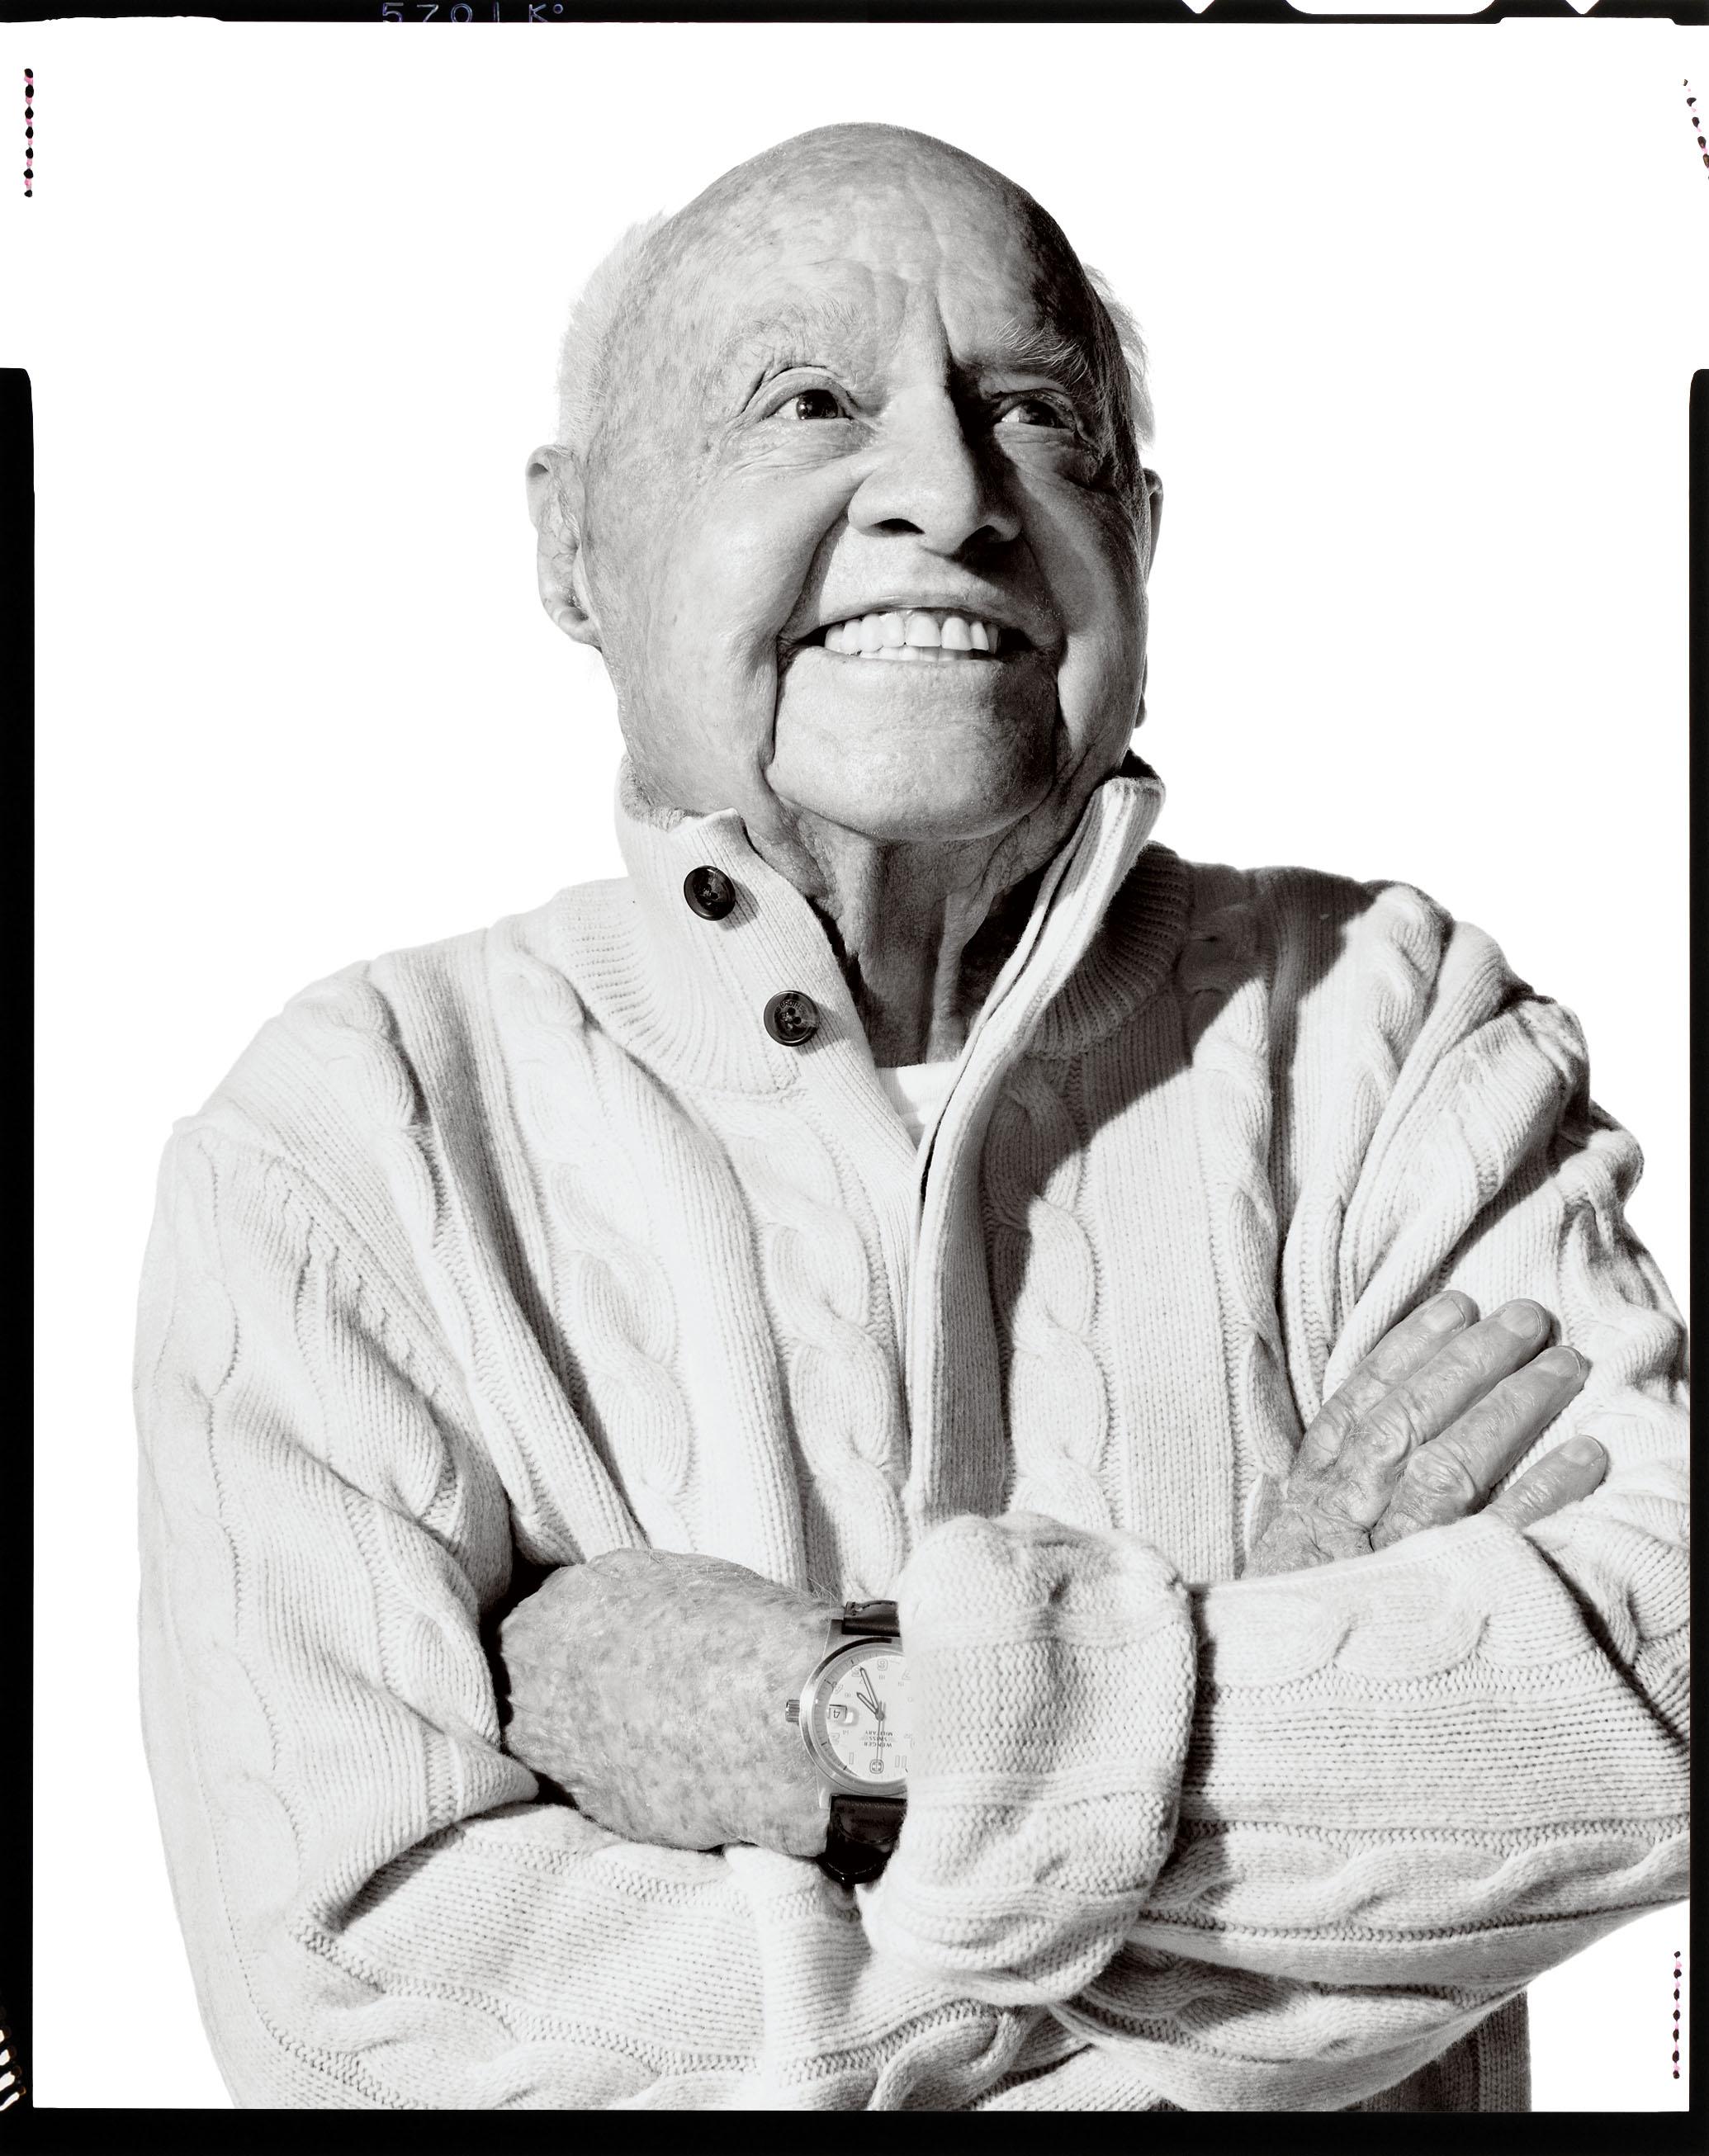 Mickey Rooney Portrait - P 2014